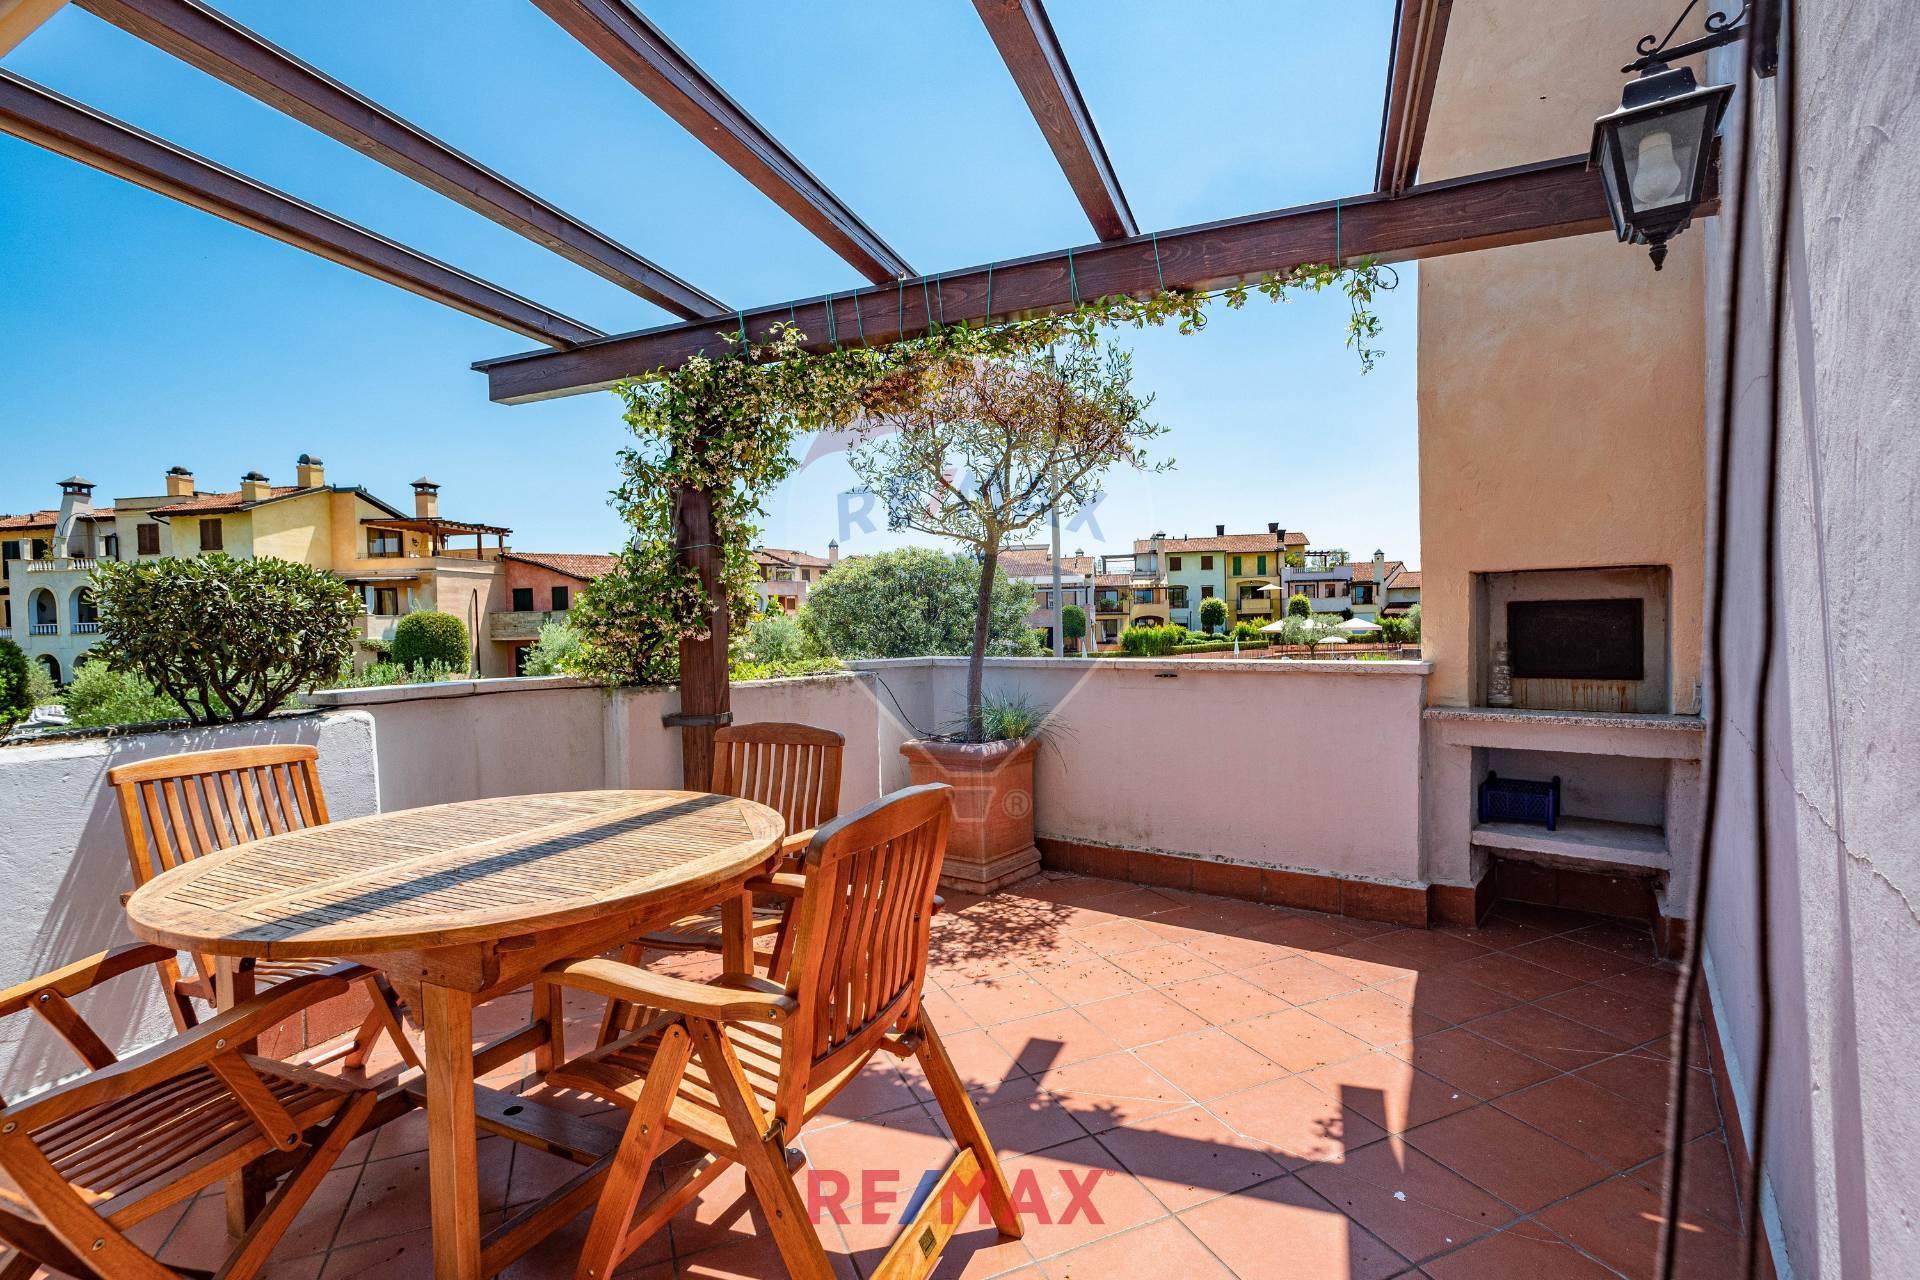 Appartamento in vendita a Peschiera del Garda, 3 locali, prezzo € 264.000 | CambioCasa.it